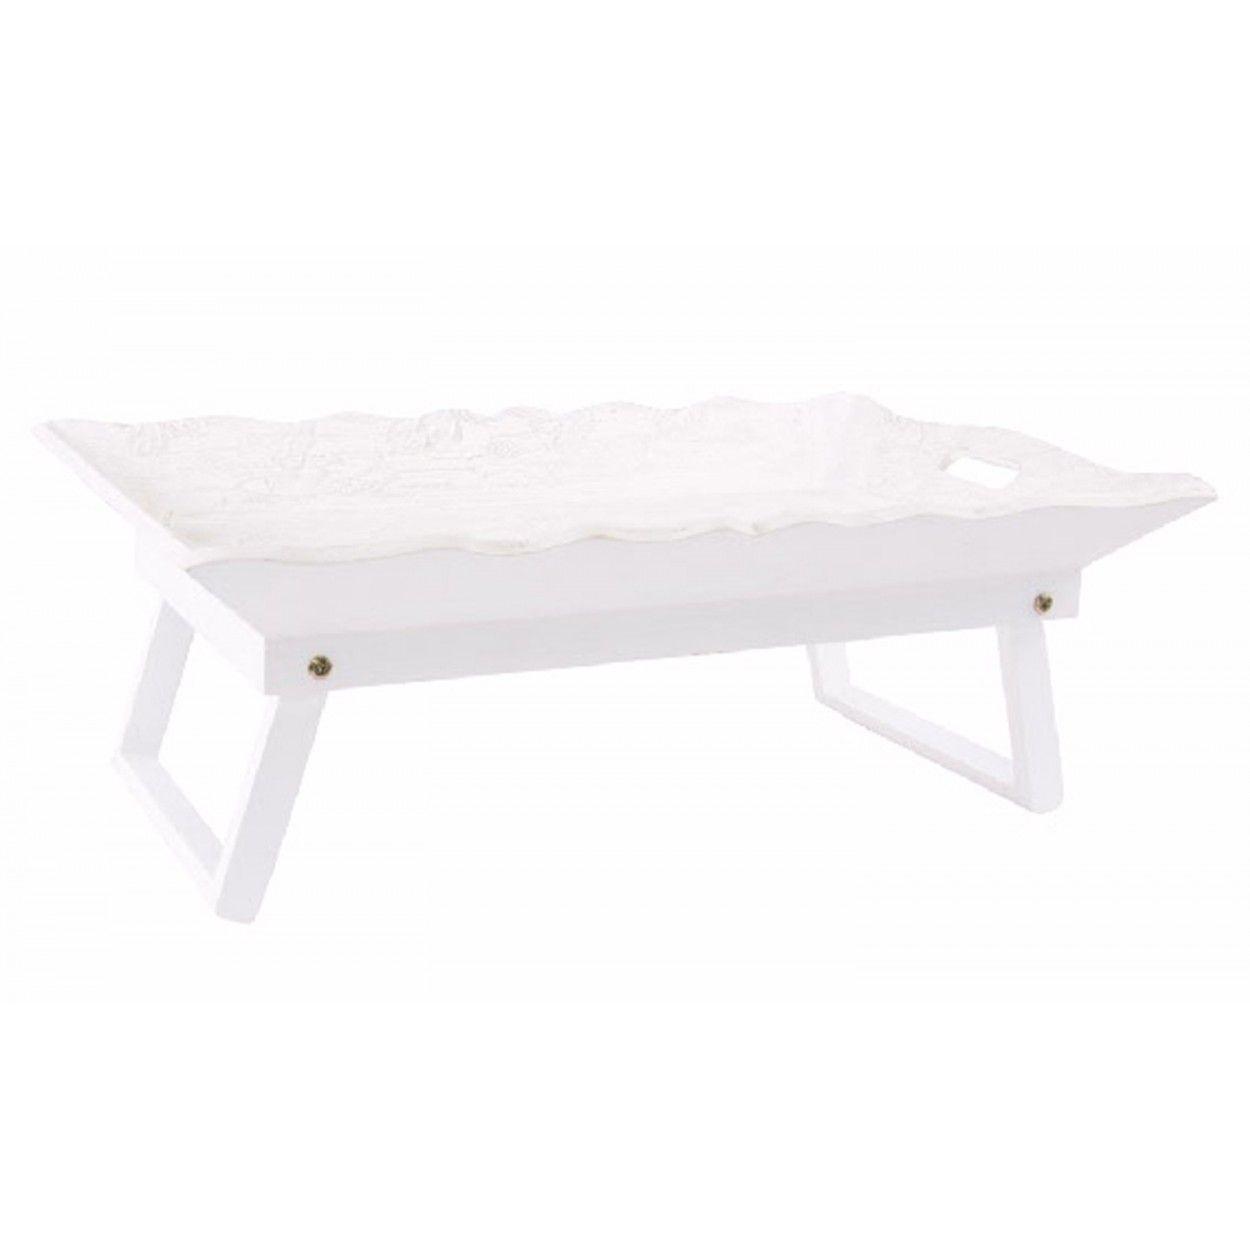 Bandea de madera con patas ideal para desayunos en la cama - Bandeja con patas ...